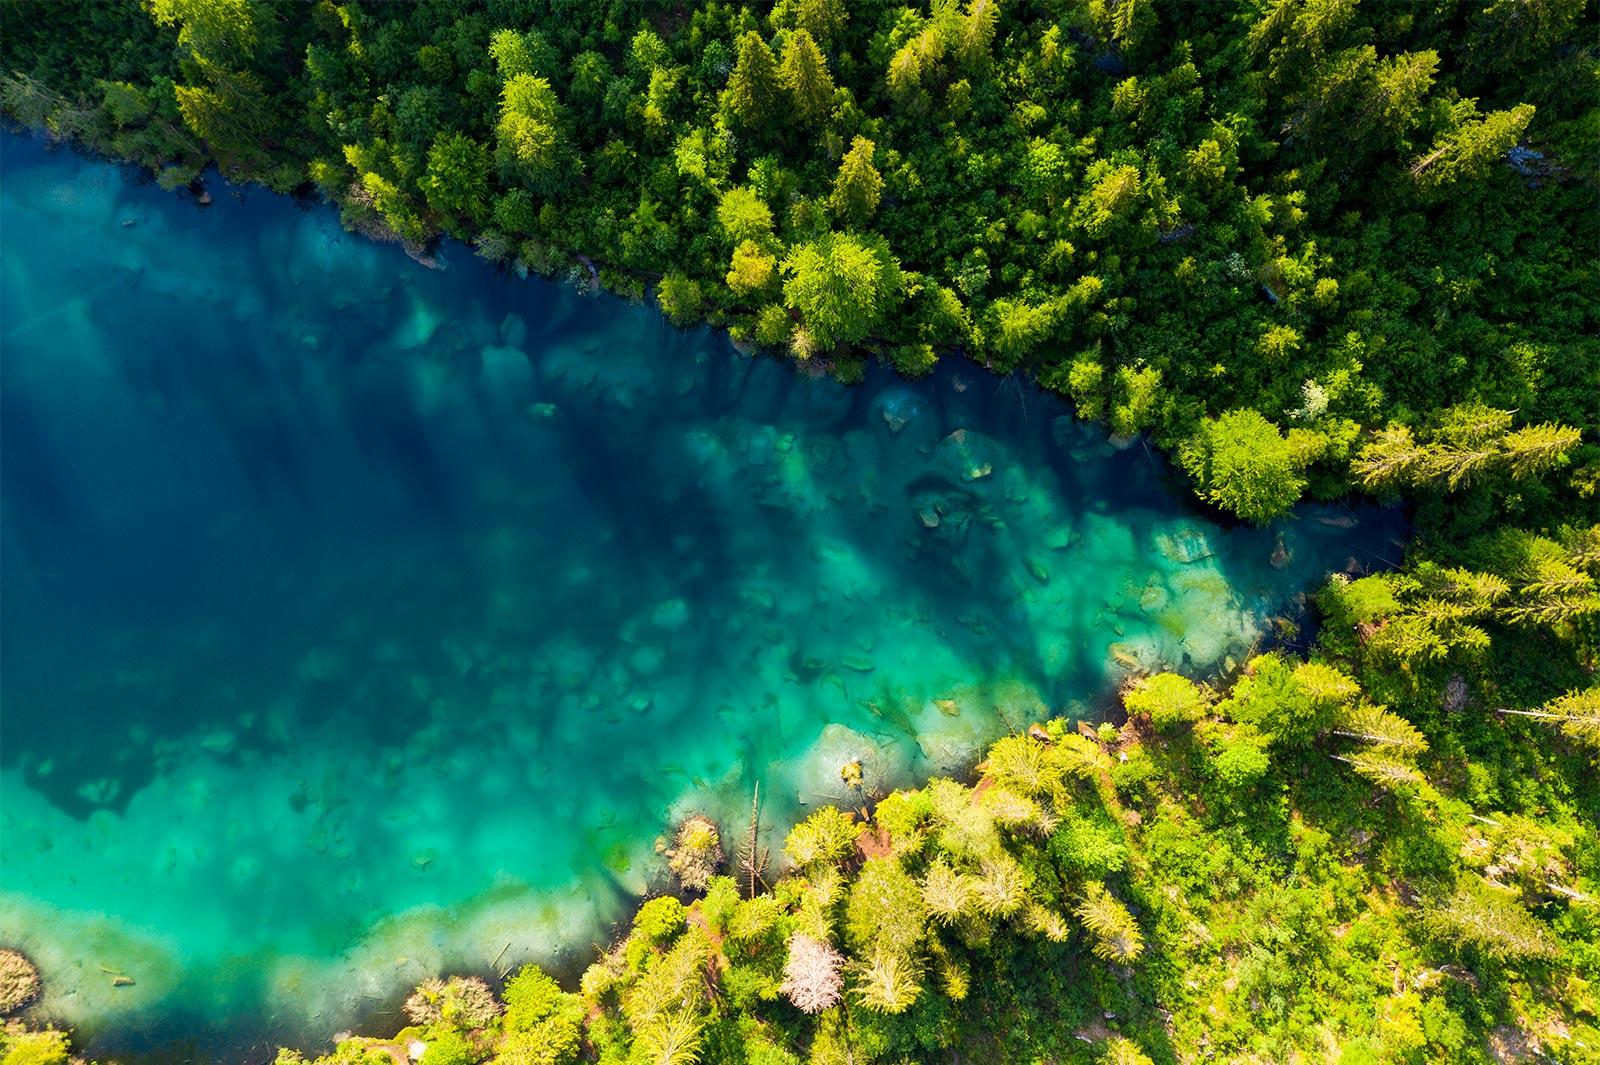 Tankaus natūralaus miško, per kurį (vaizdo viršuje) teka upė, vaizdas. FHD apibūdinantis vaizdas.